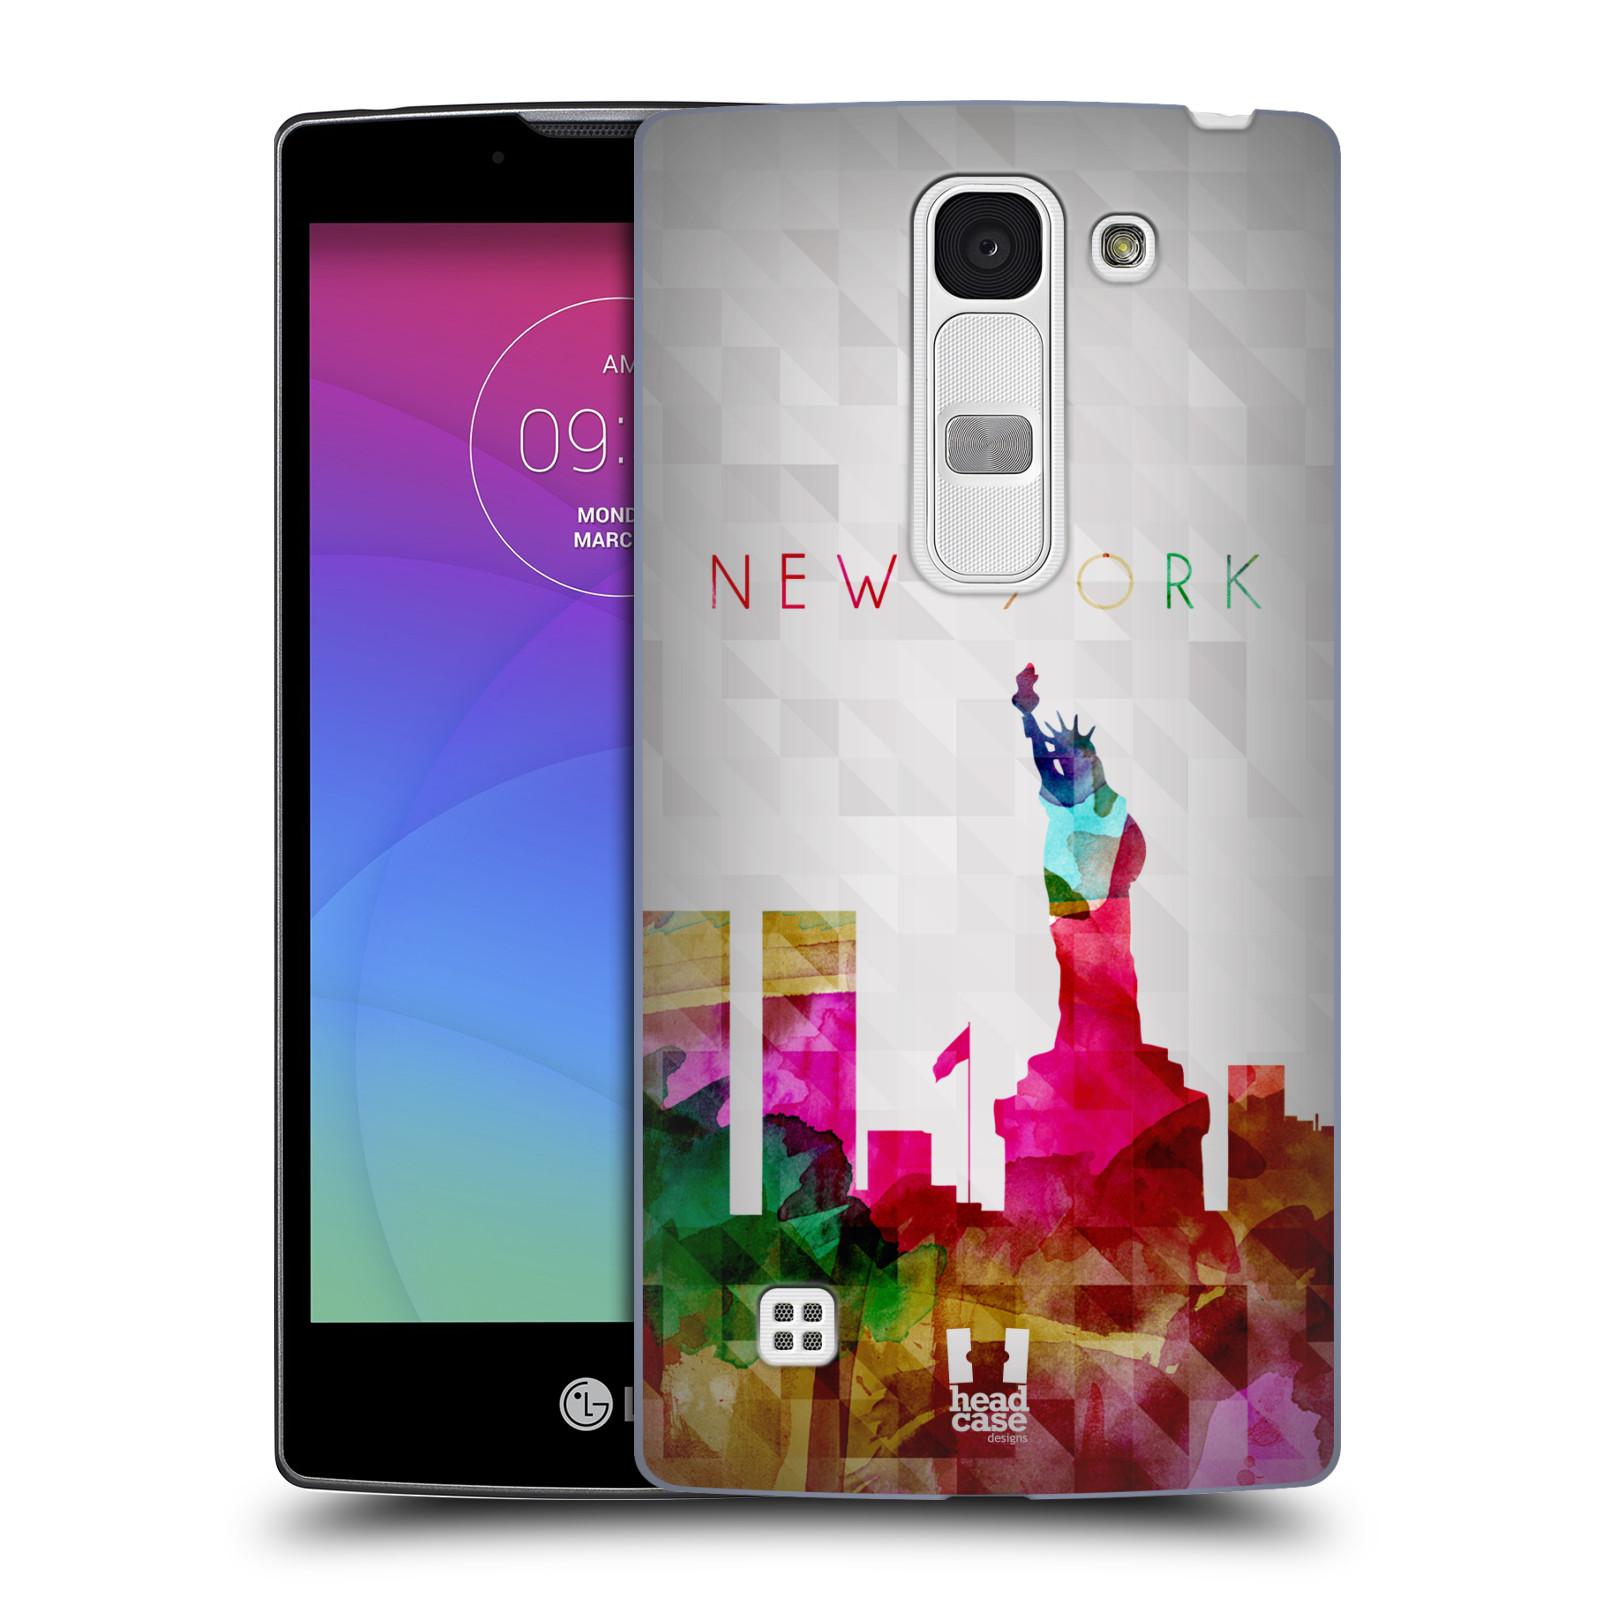 Plastové pouzdro na mobil LG Spirit LTE HEAD CASE SKYLINE NEW YORK (Kryt či obal na mobilní telefon LG Spirit H420 a LG Spirit LTE H440N)